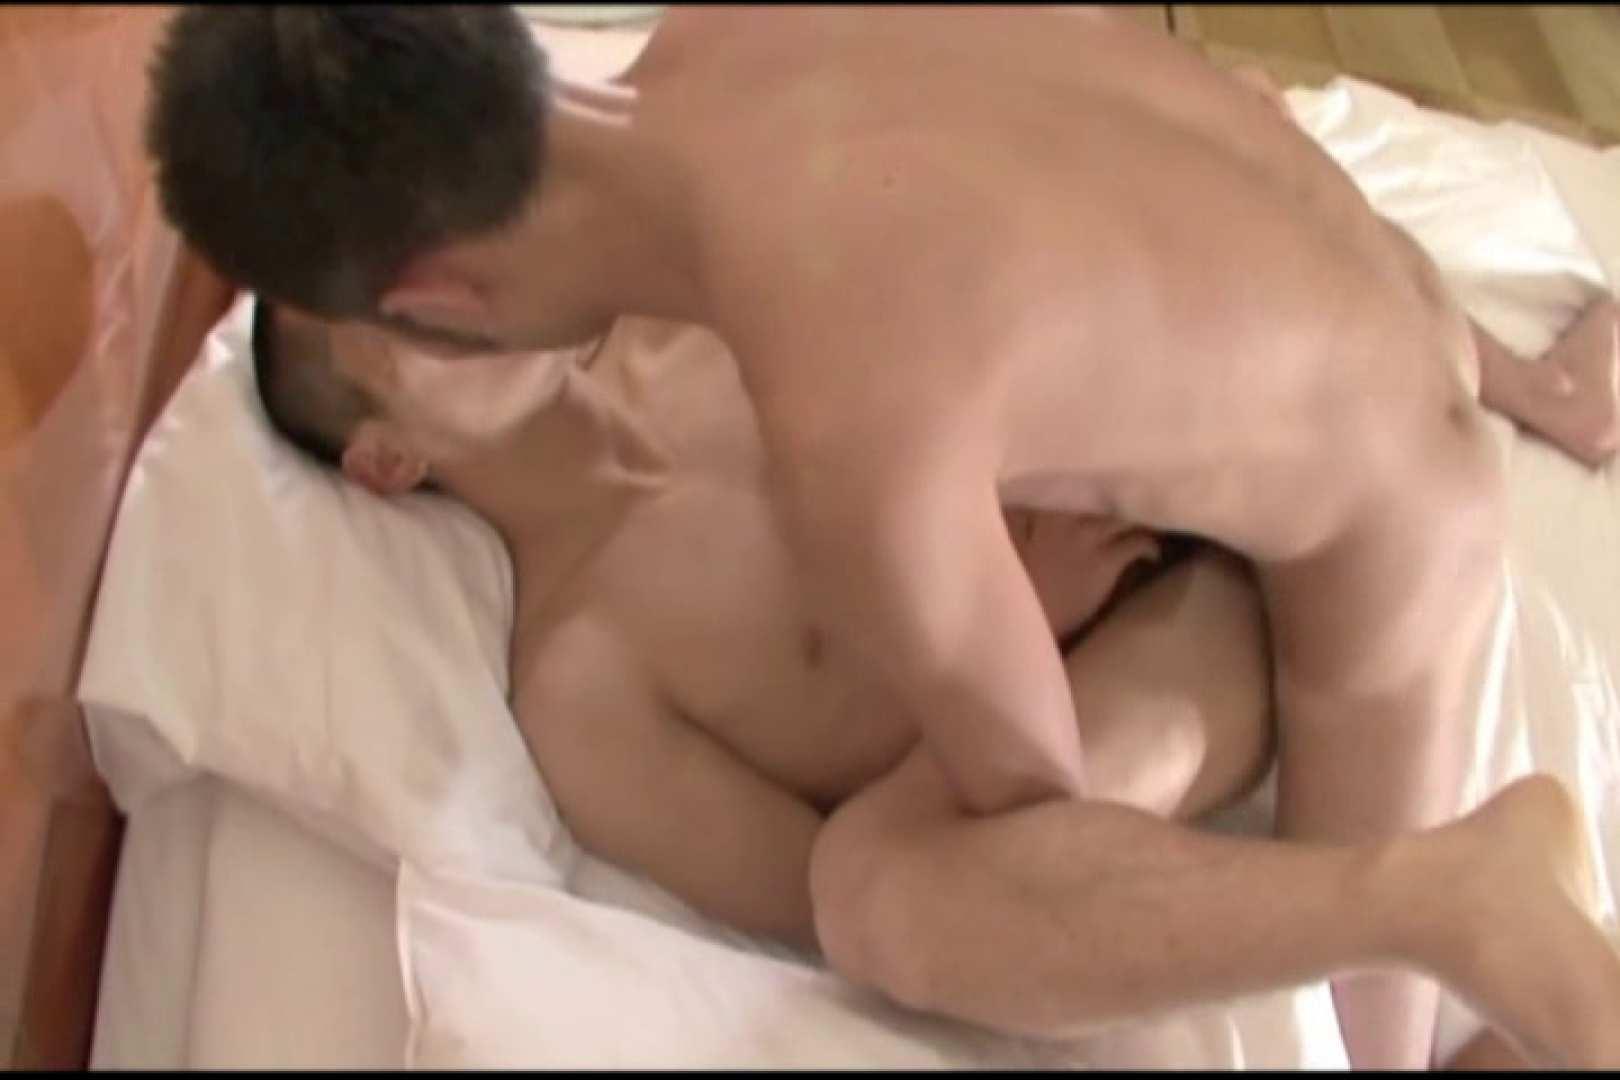 アヘ顔が最高!アナル中毒VOL.03 セックス ゲイ無料エロ画像 73連発 10